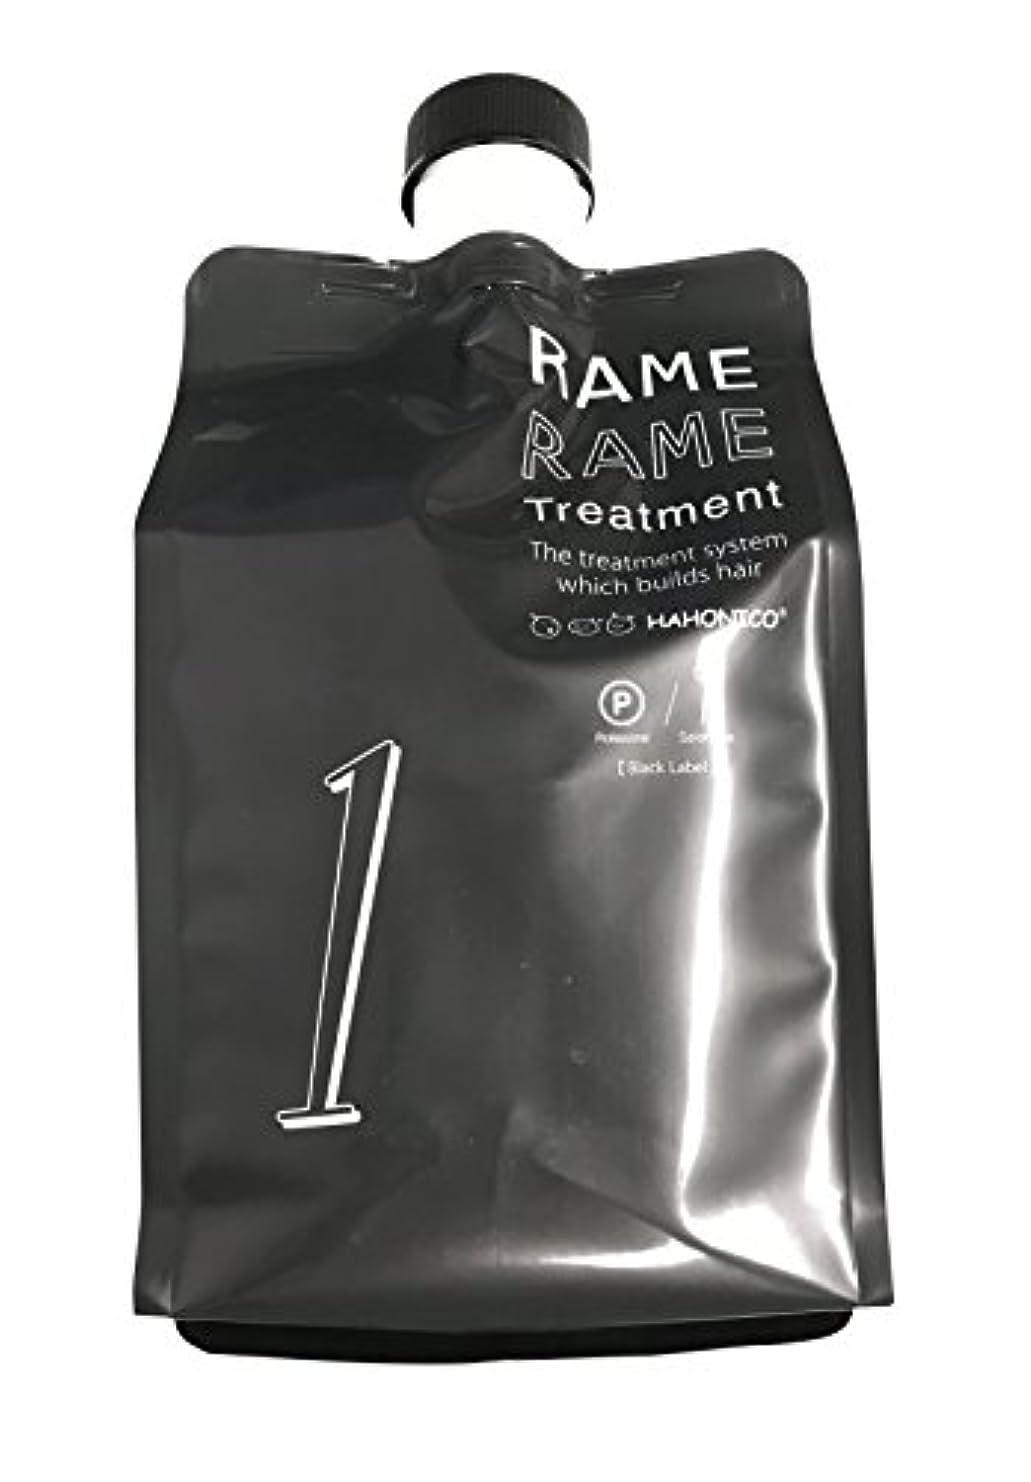 未来高架パズルハホニコ (HAHONICO) ザラメラメ No.1 Black Label 1000g